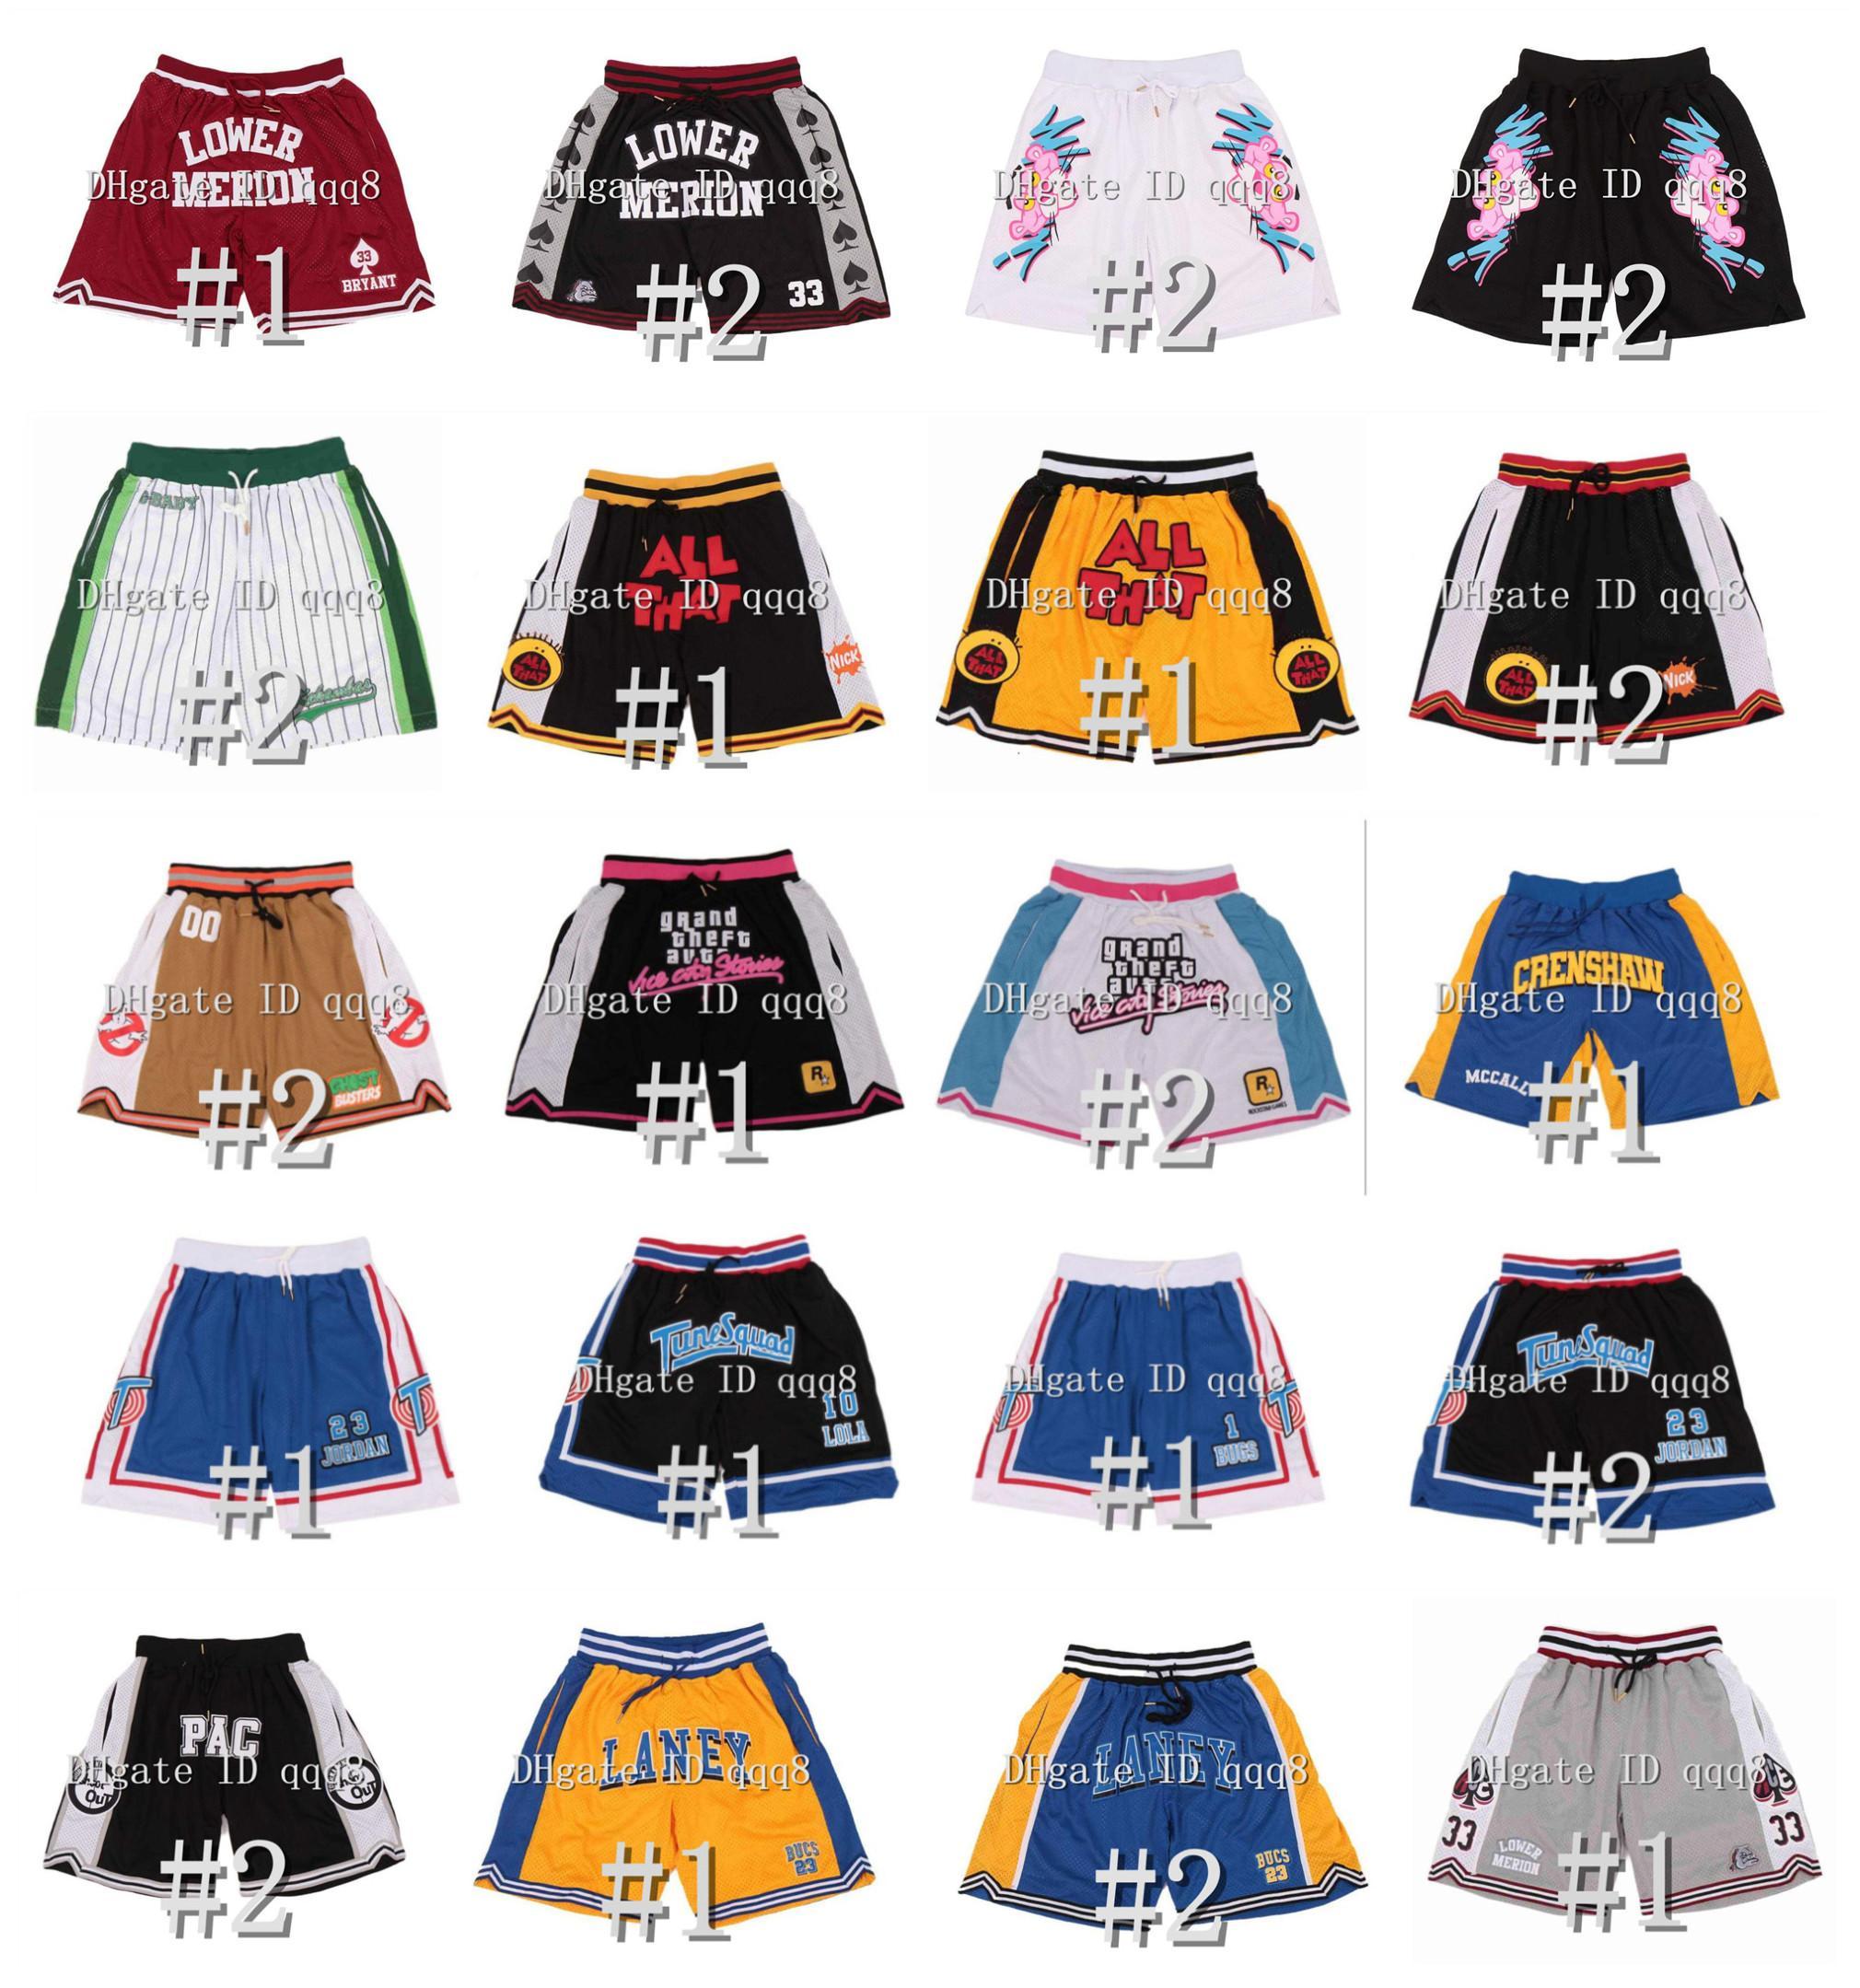 أعلى جودة! انخفاض السراويل القصيرة كل ما لحن الفضاء الفضاء Laney G-Baby Hardball Sports Shorts تدريب البيسبول السراويل مع جيوب سحاب